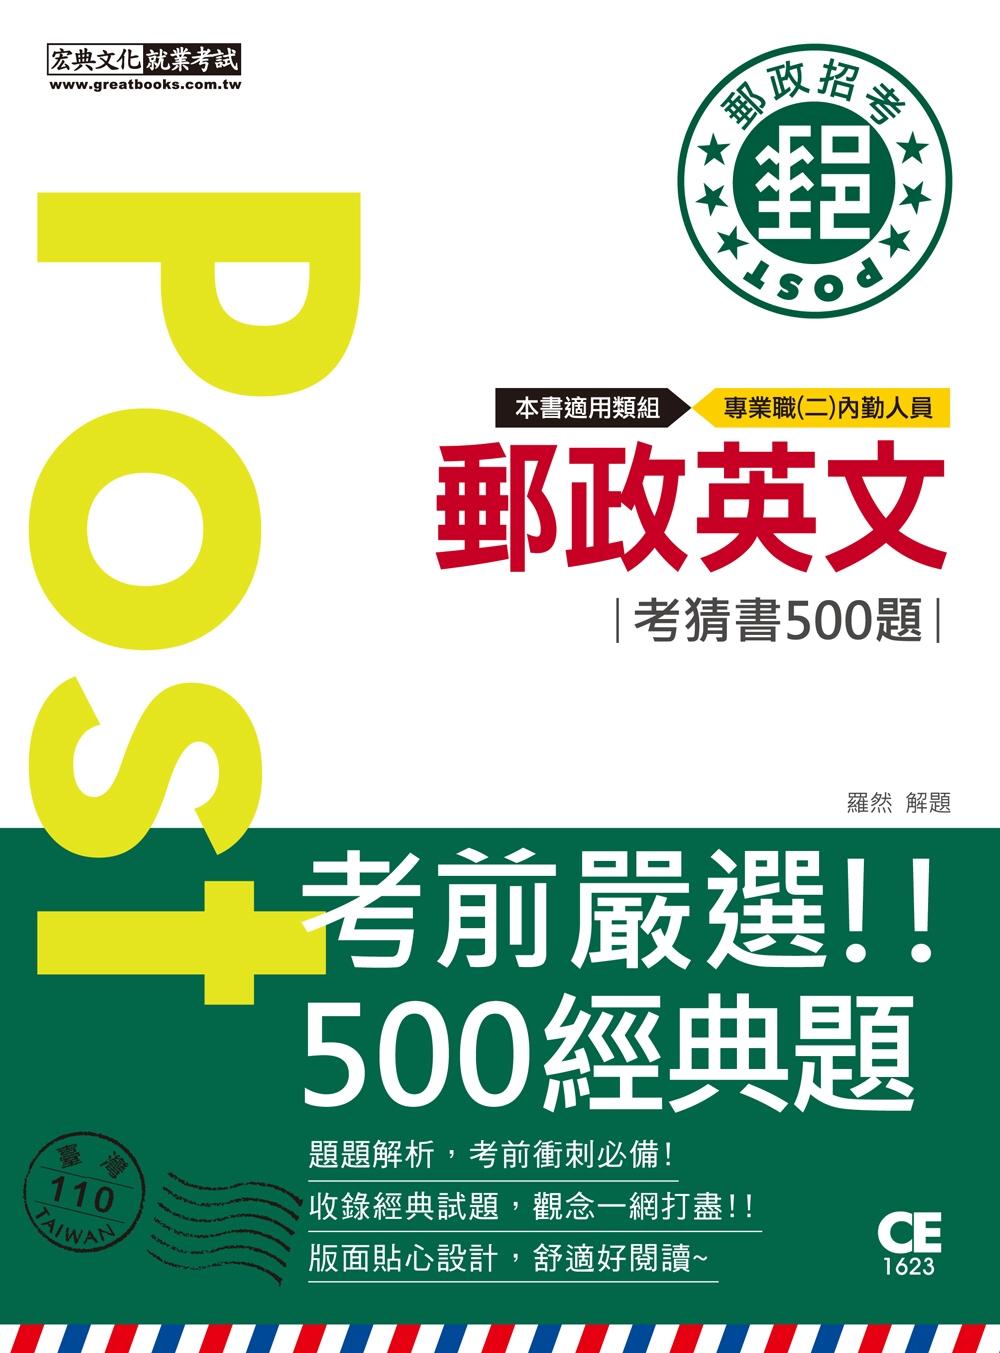 【郵政招考新制適用】2017郵政英文考猜書【考前完全命中500經典題】